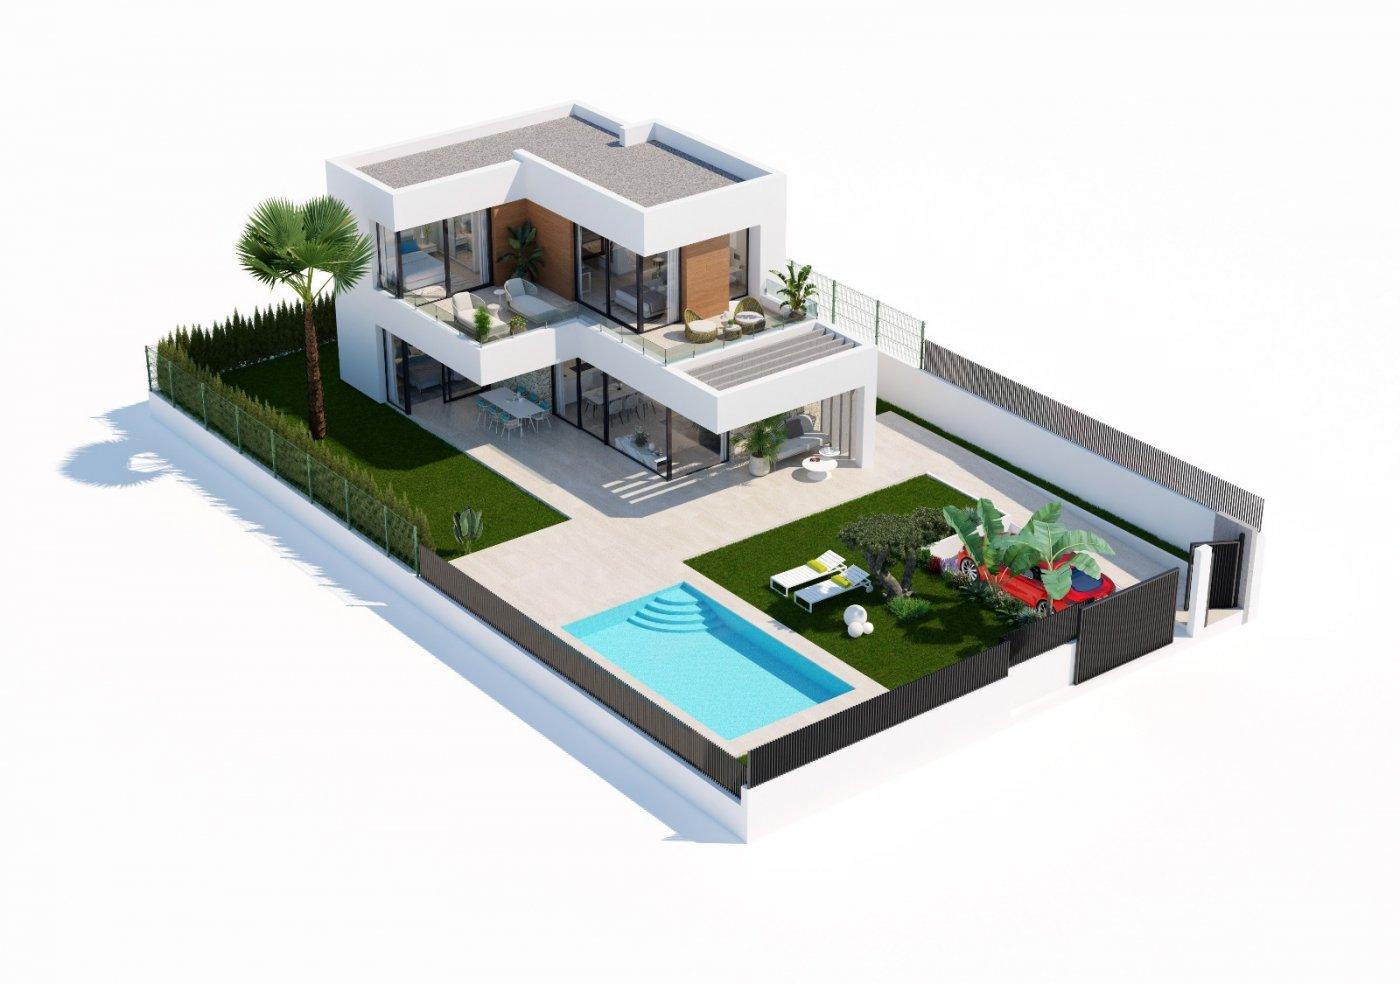 Villas de obra nueva modernas con vistas al mar en sierra cortina - imagenInmueble17